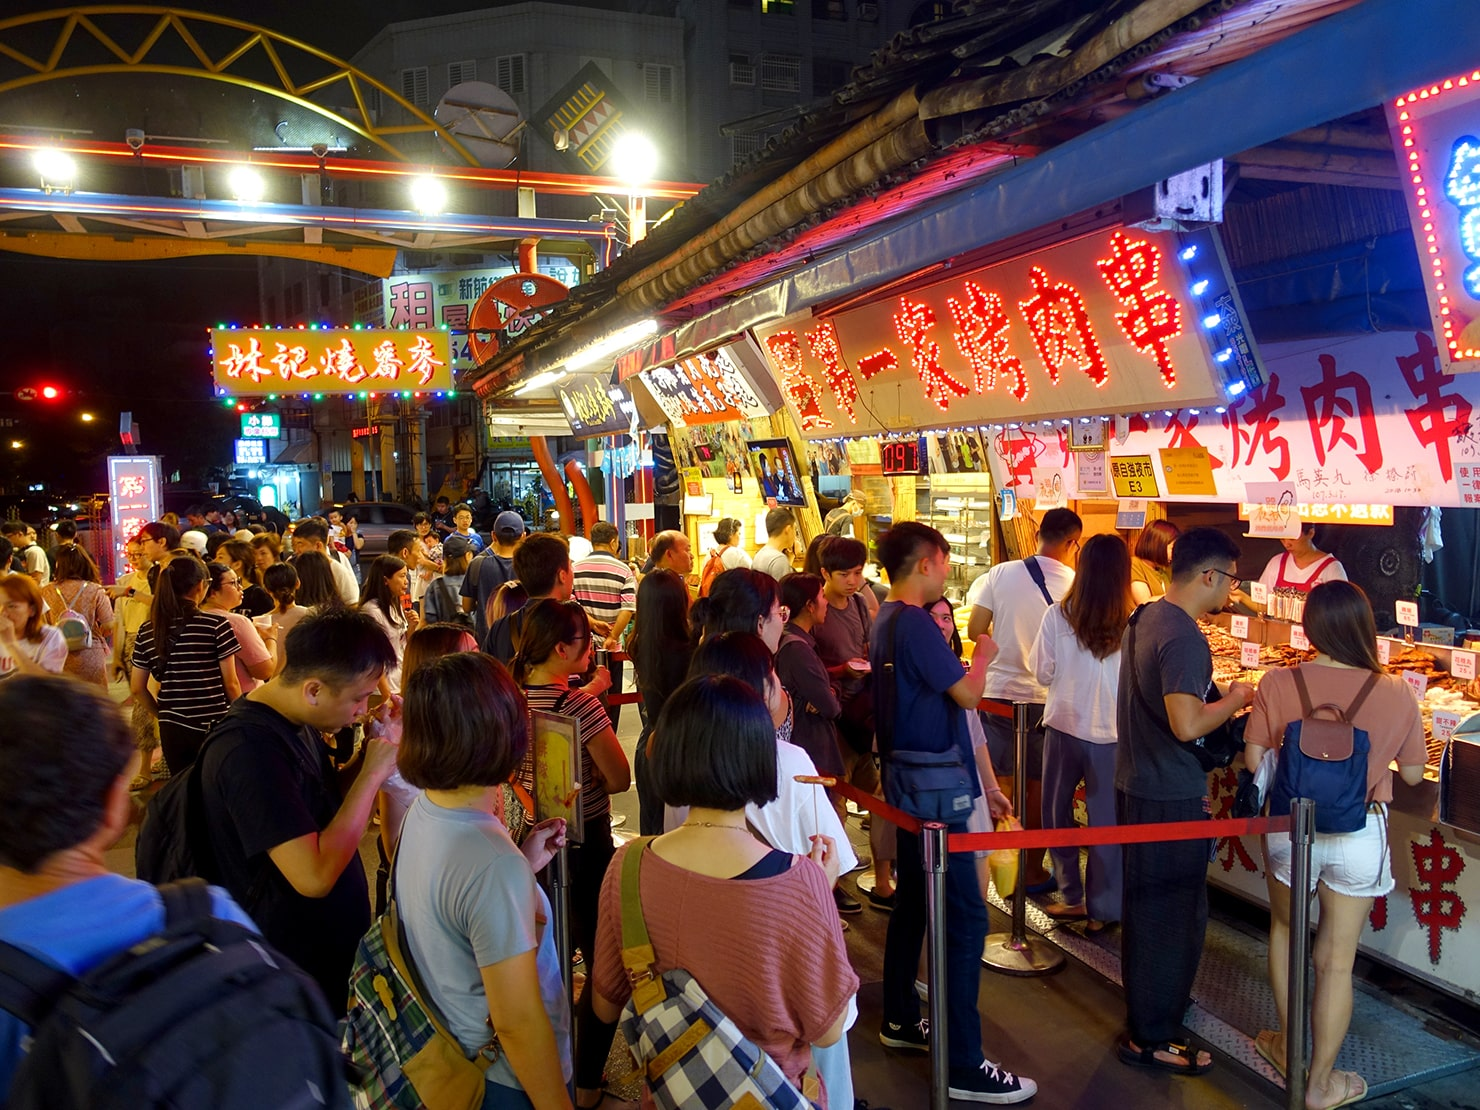 台湾・花蓮のおすすめ観光スポット「東大門夜市」の人気屋台